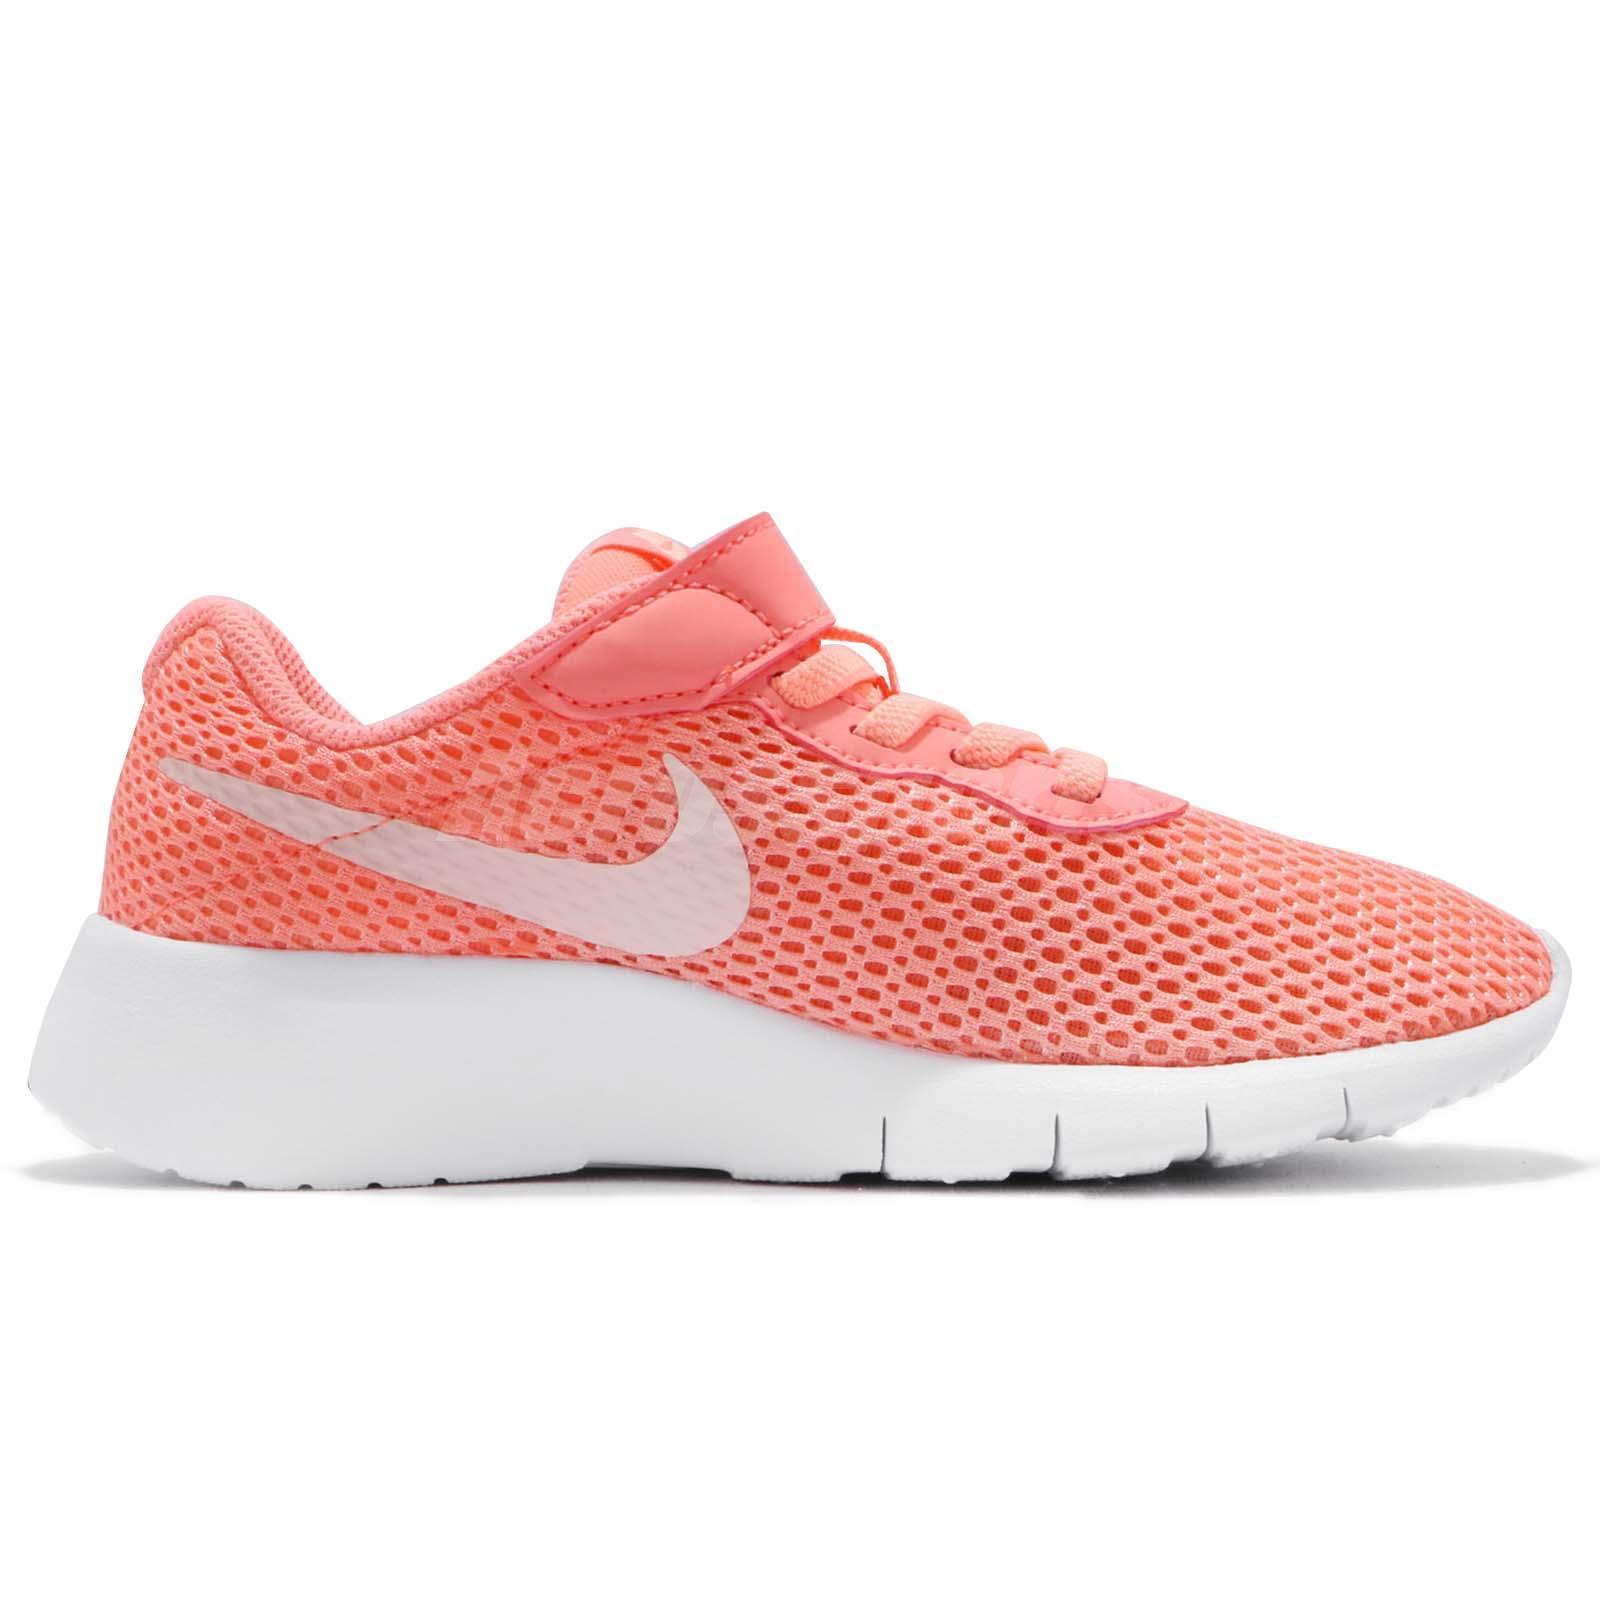 nike tanjun preschool girls' running shoes nz